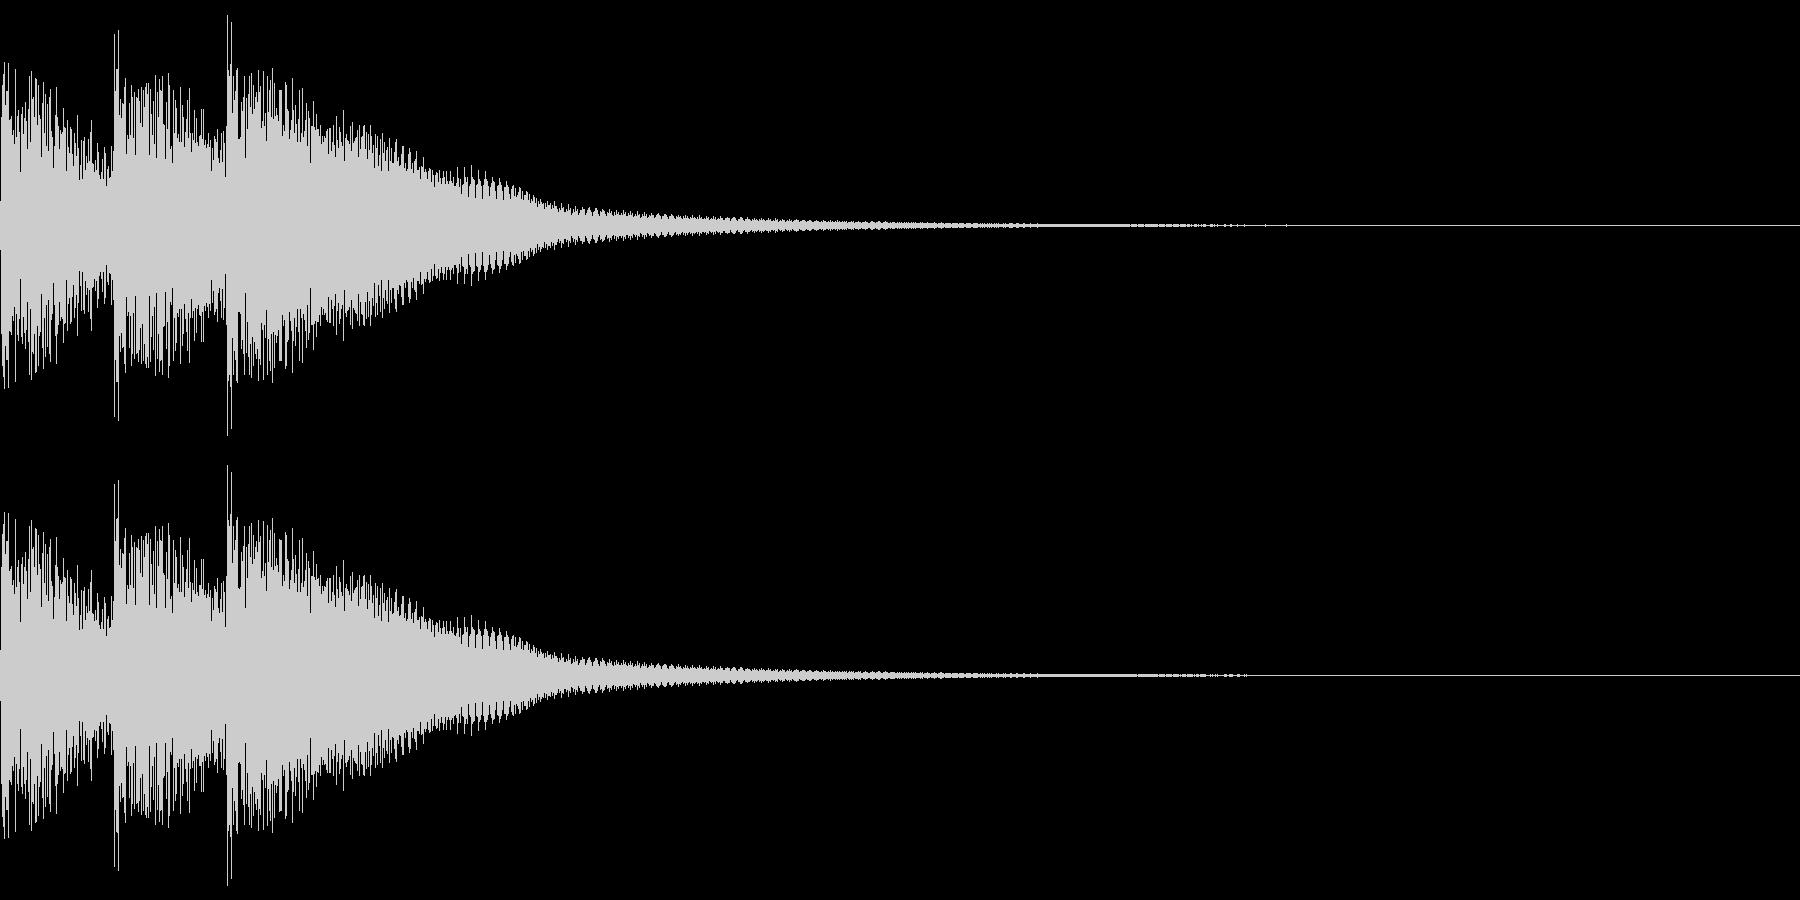 三味線フレーズ01(ドドドン)の未再生の波形